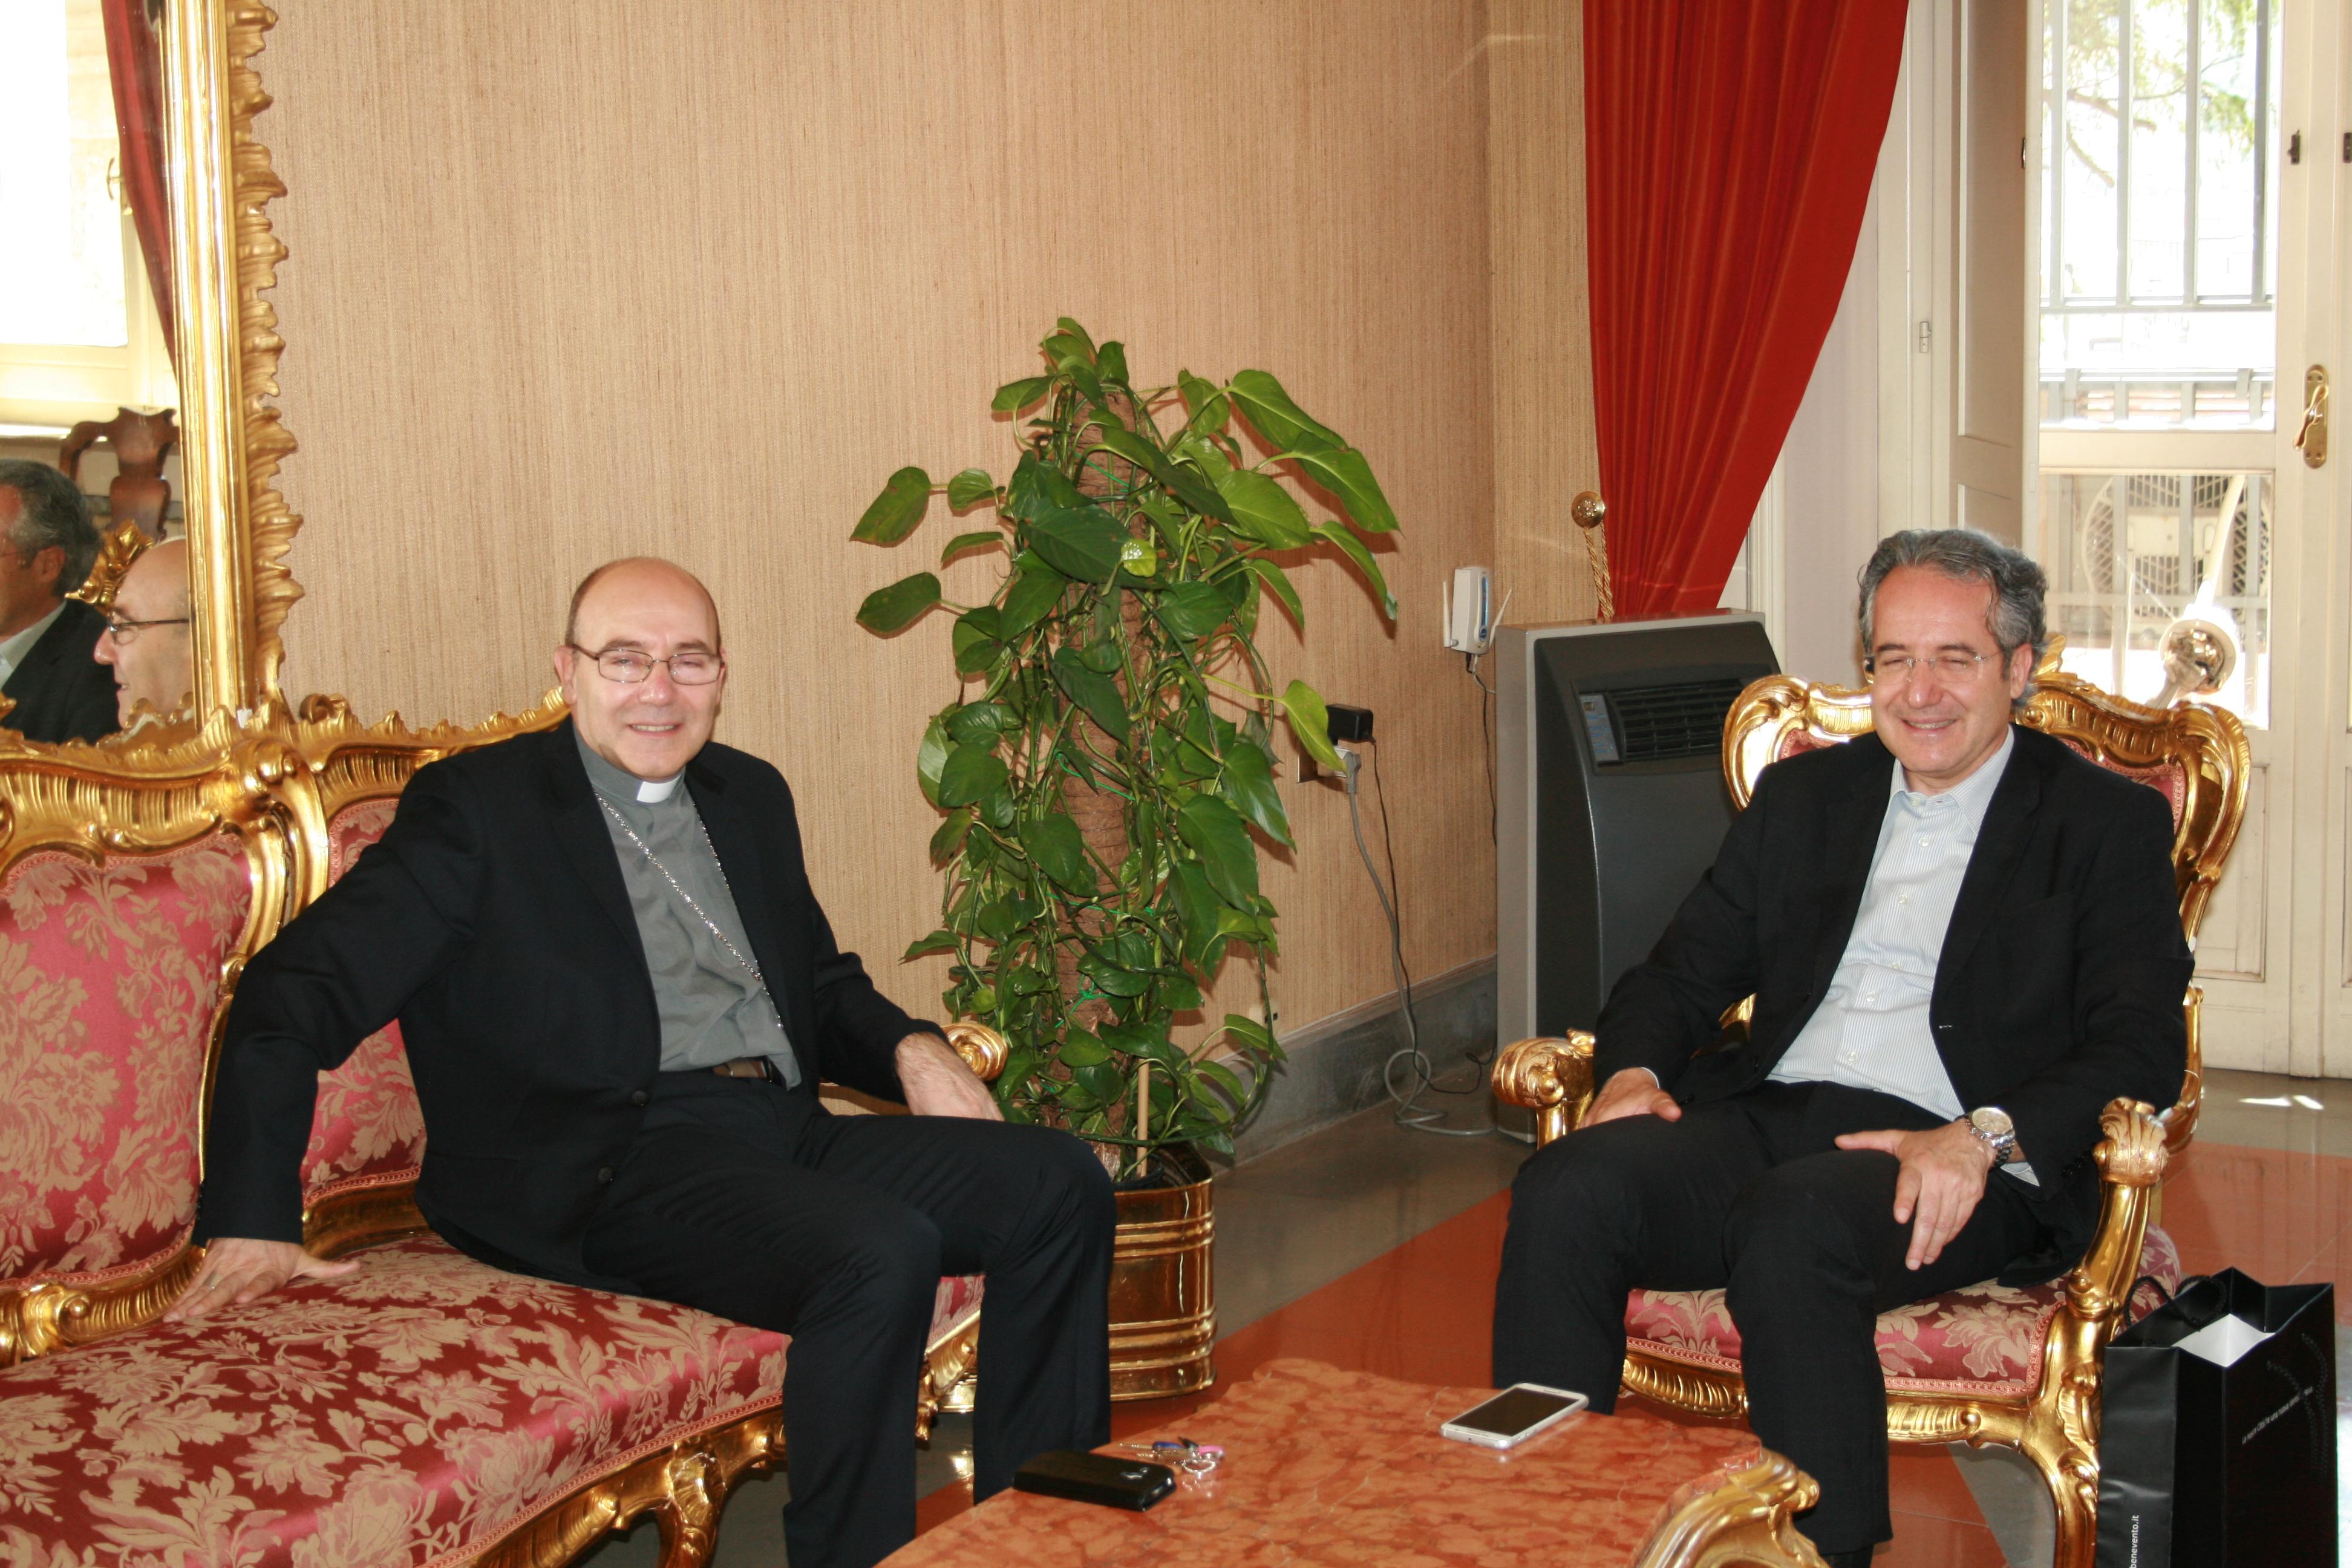 Visita dell'Arcivescovo a Palazzo Mosti per incontrare il sindaco